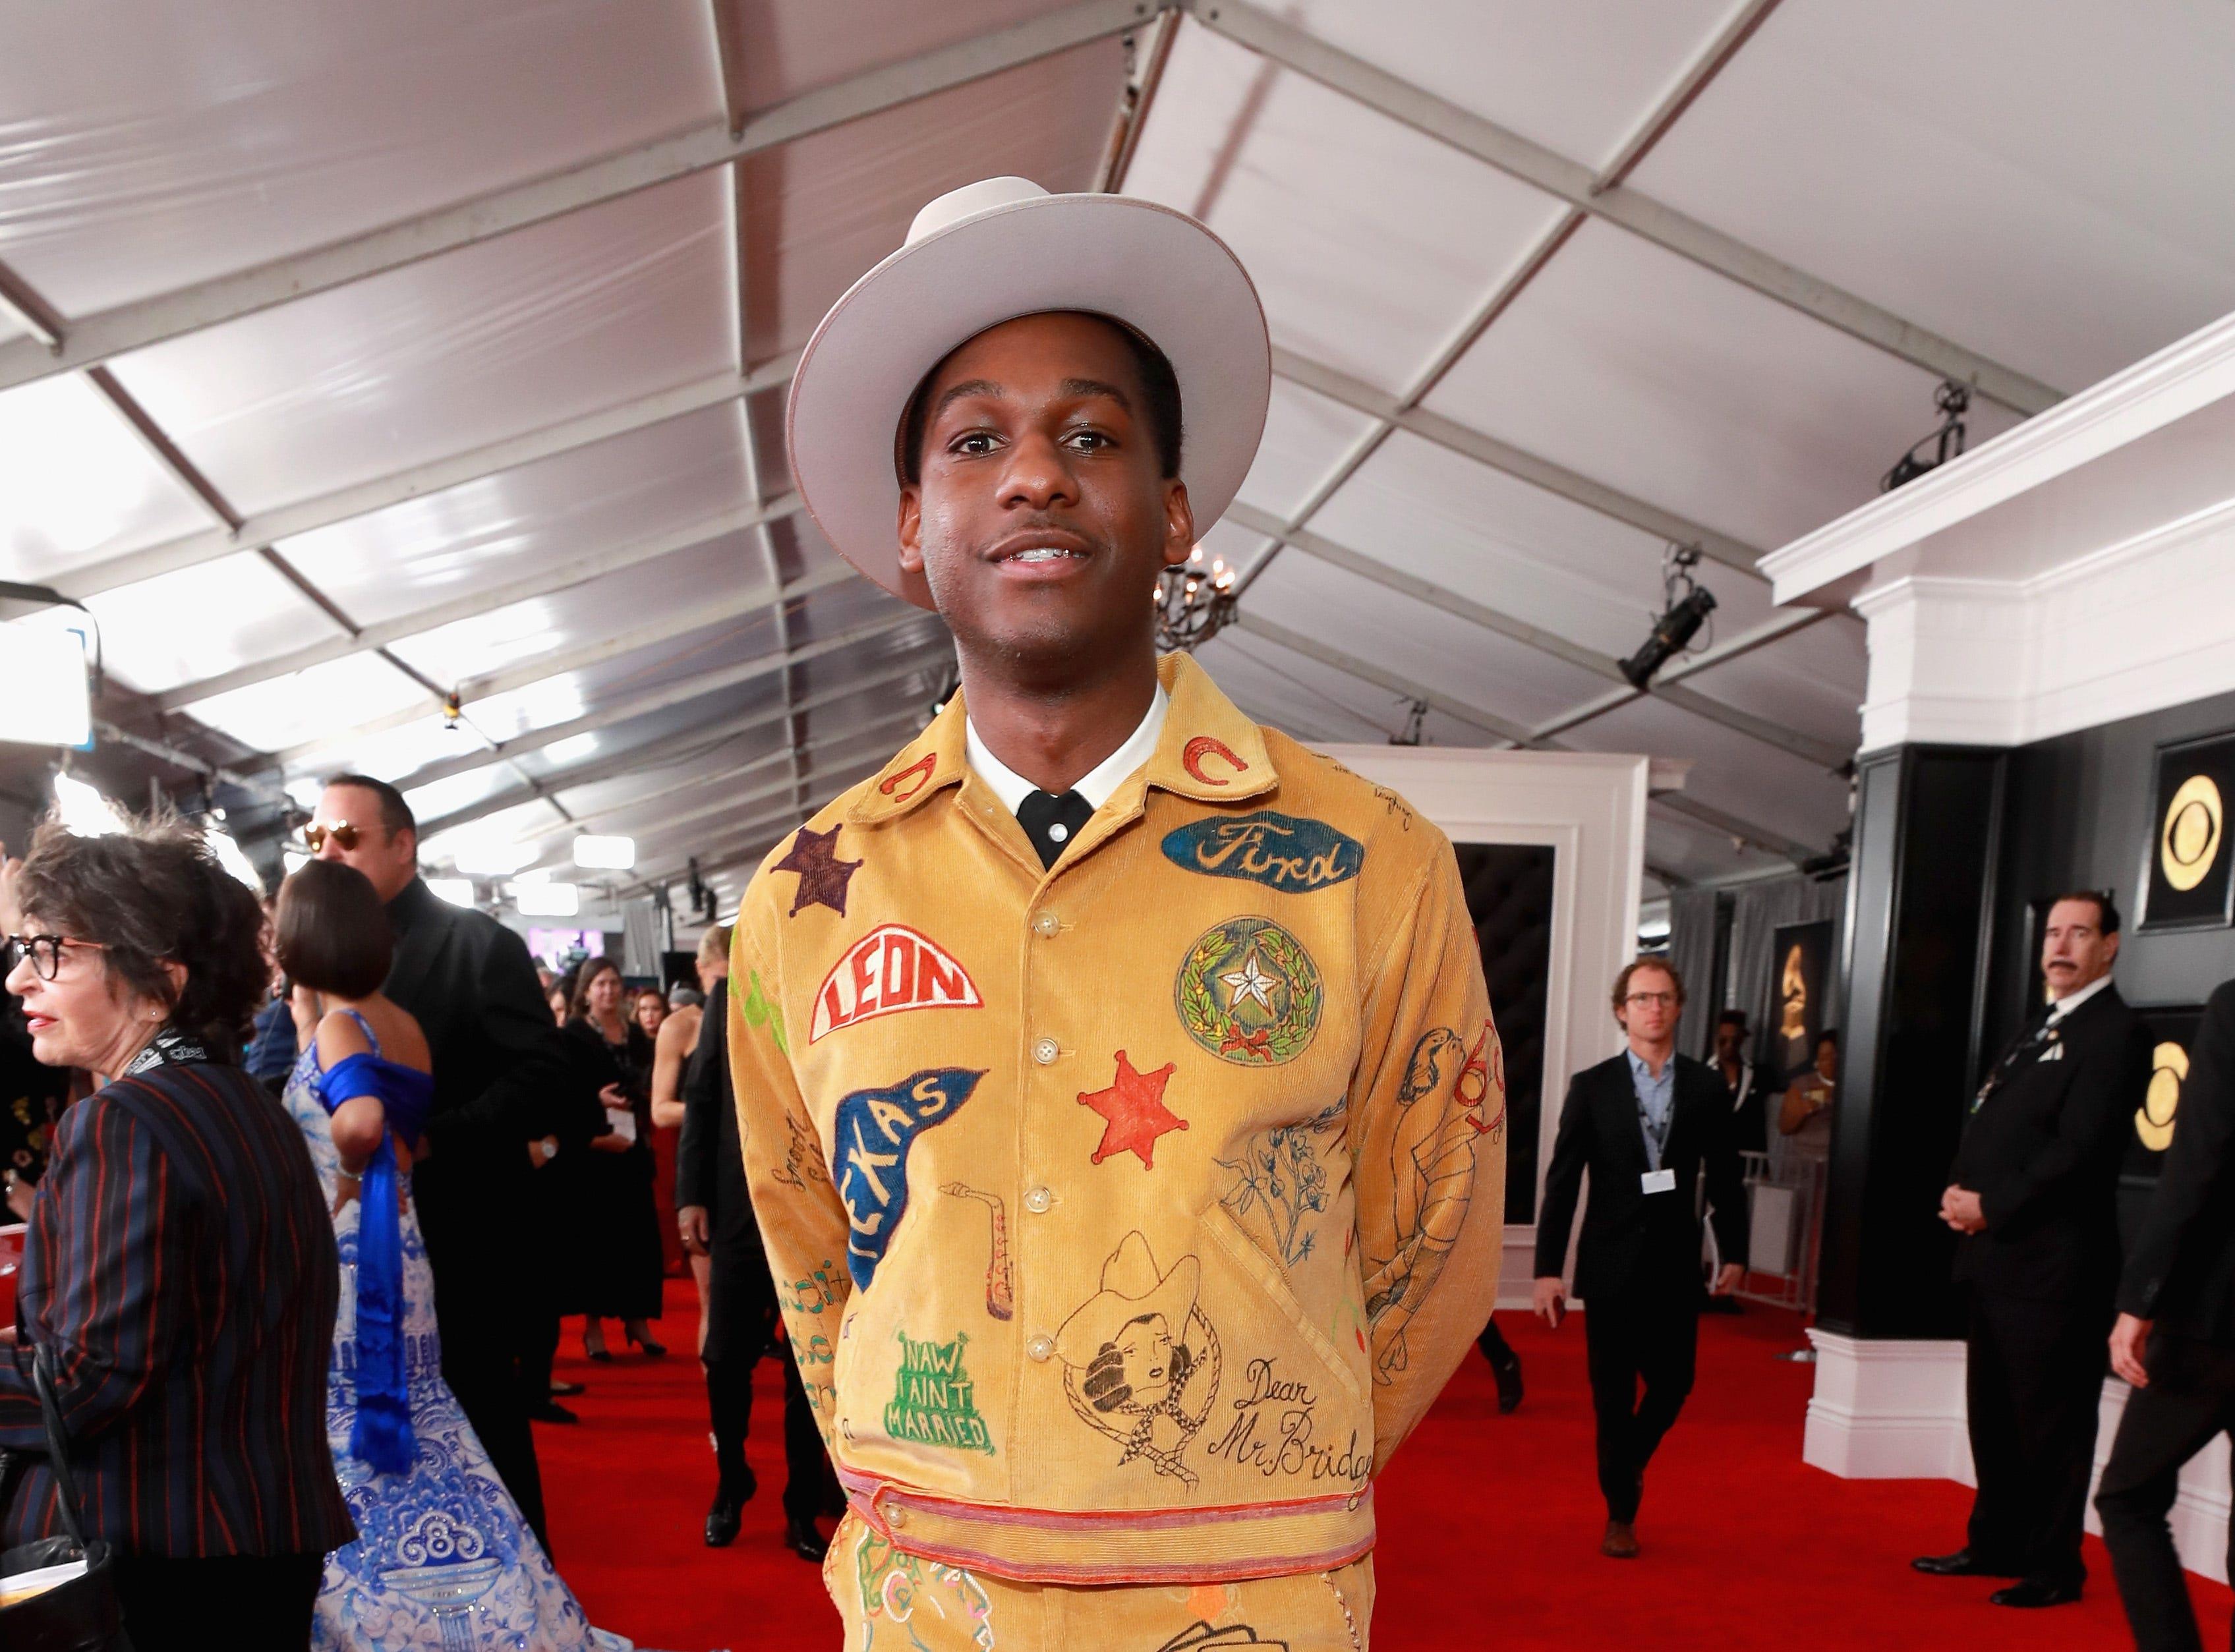 Leon Bridges asiste a la 61ª edición de los premios GRAMMY en el Staples Center el 10 de febrero de 2019 en Los Ángeles, California.